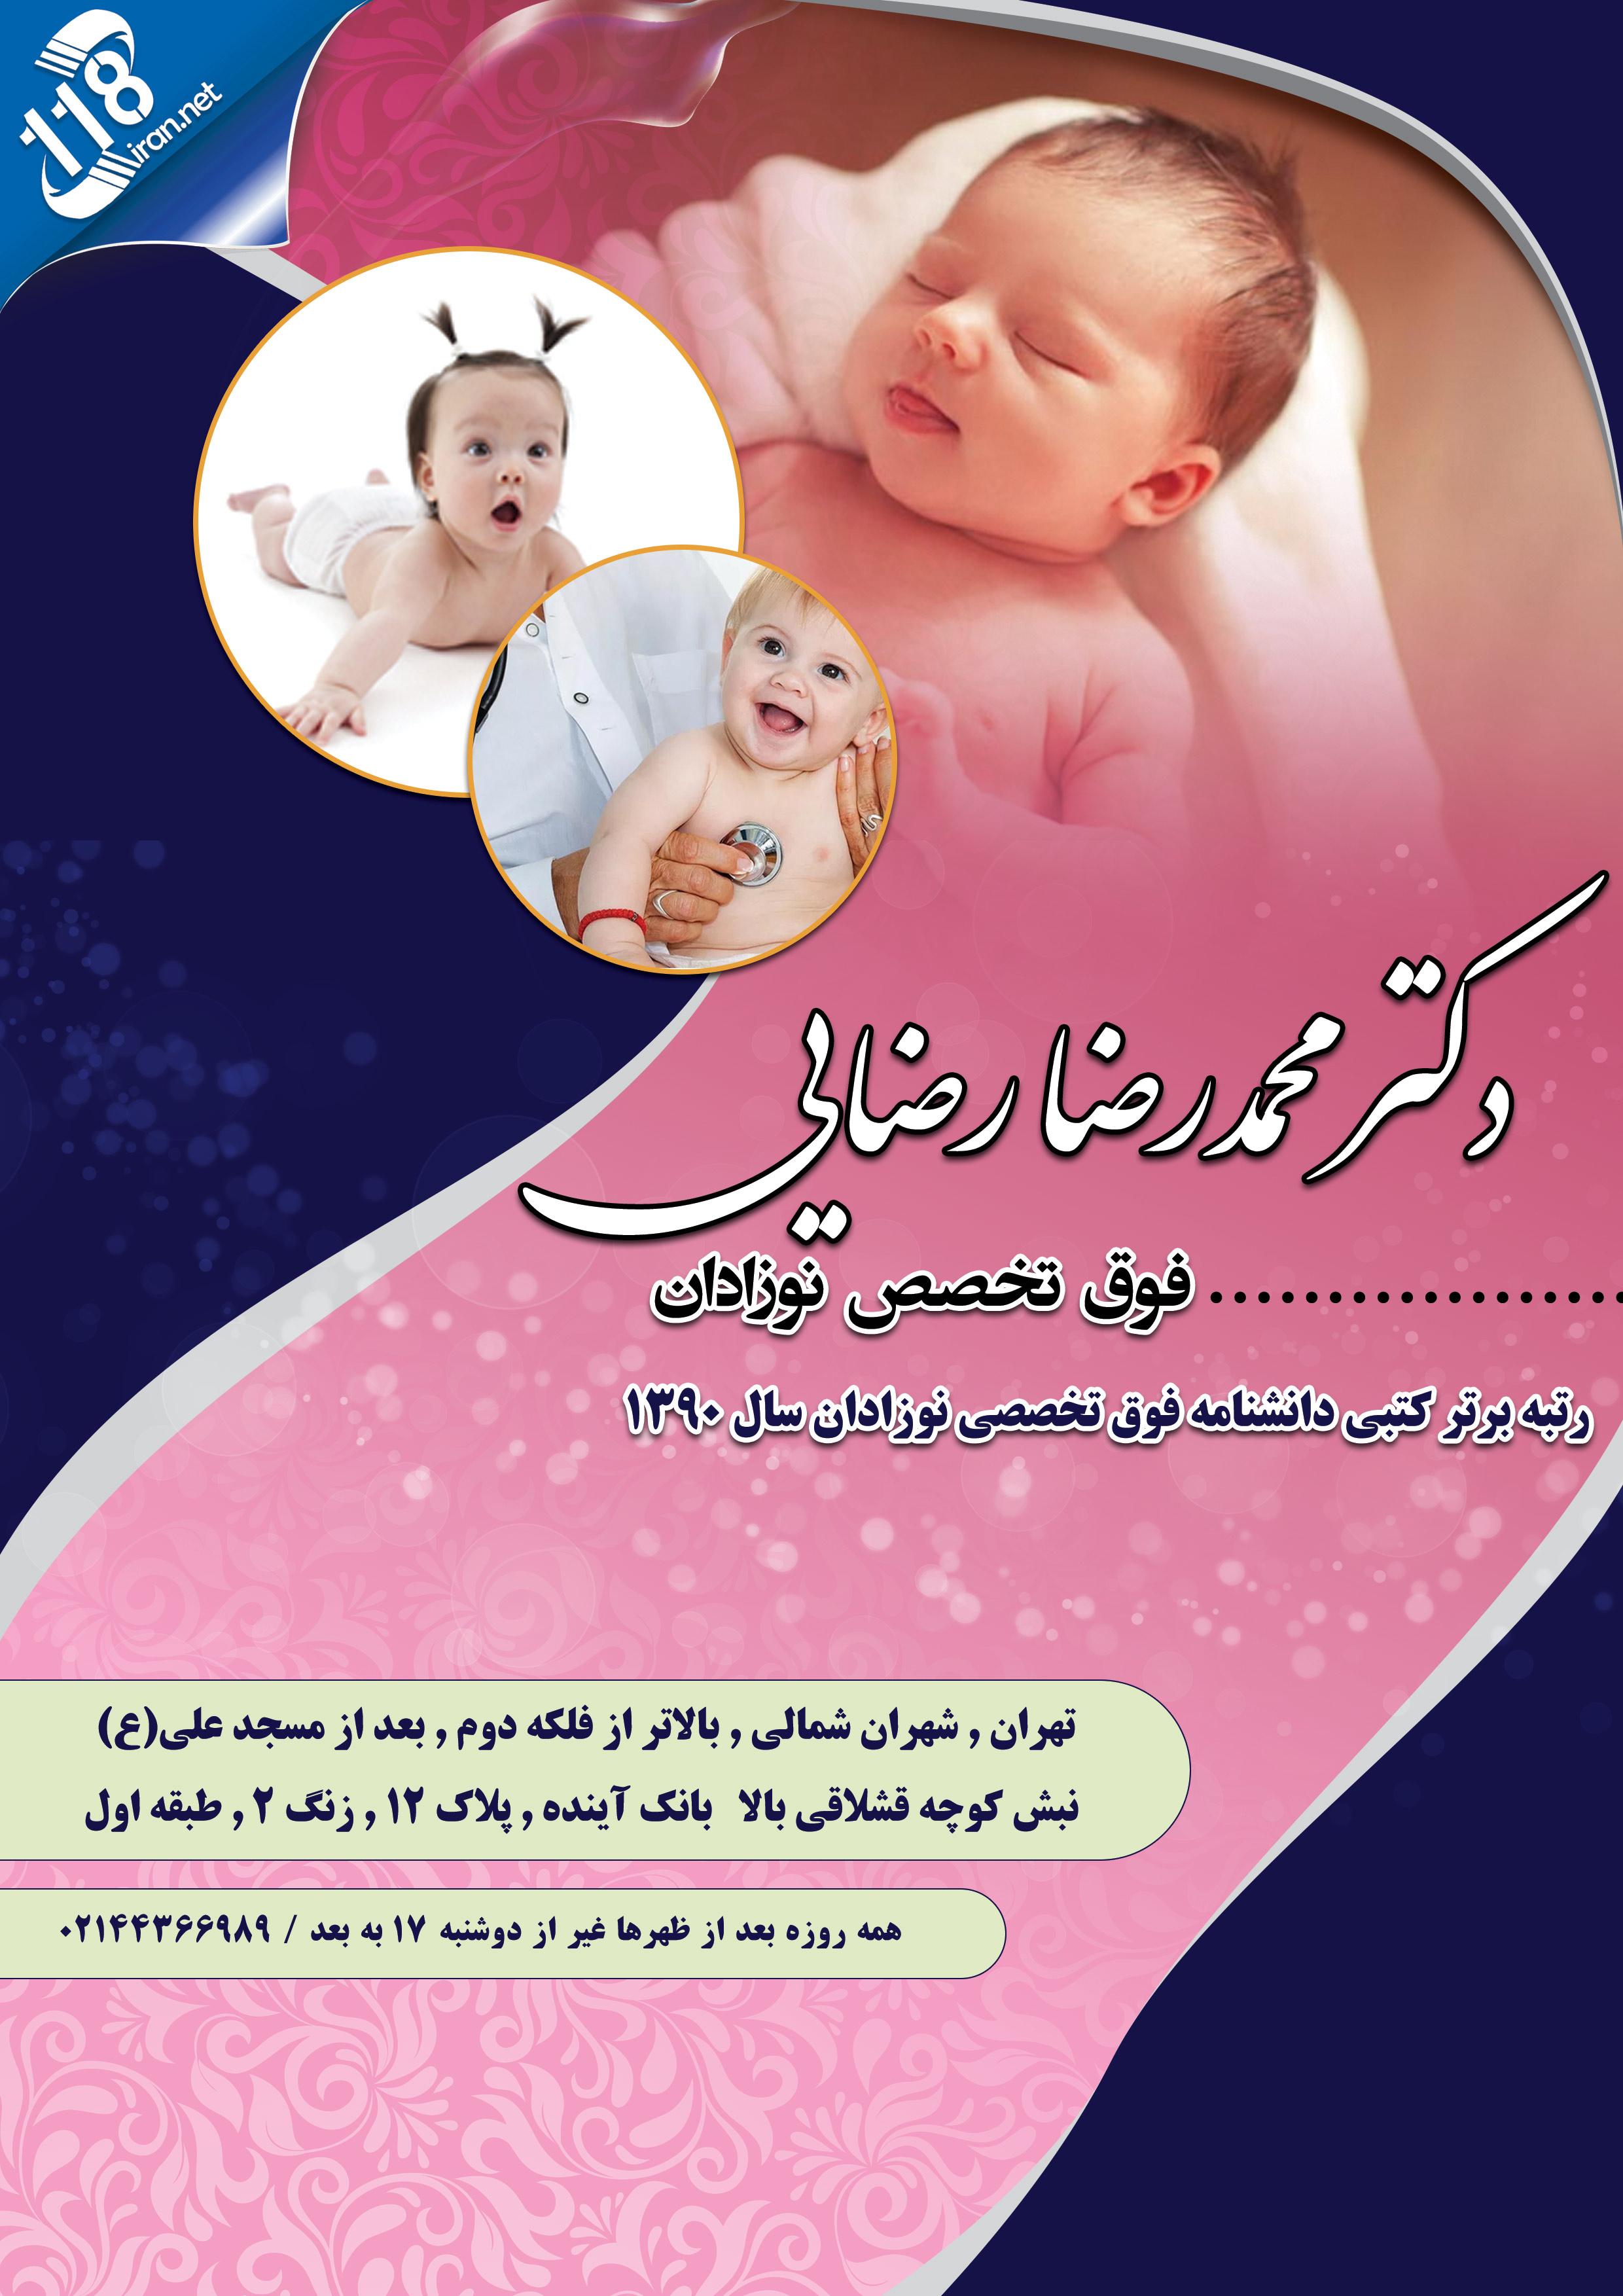 دکتر محمدرضا رضایی فوق تخصص نوزادان در تهران